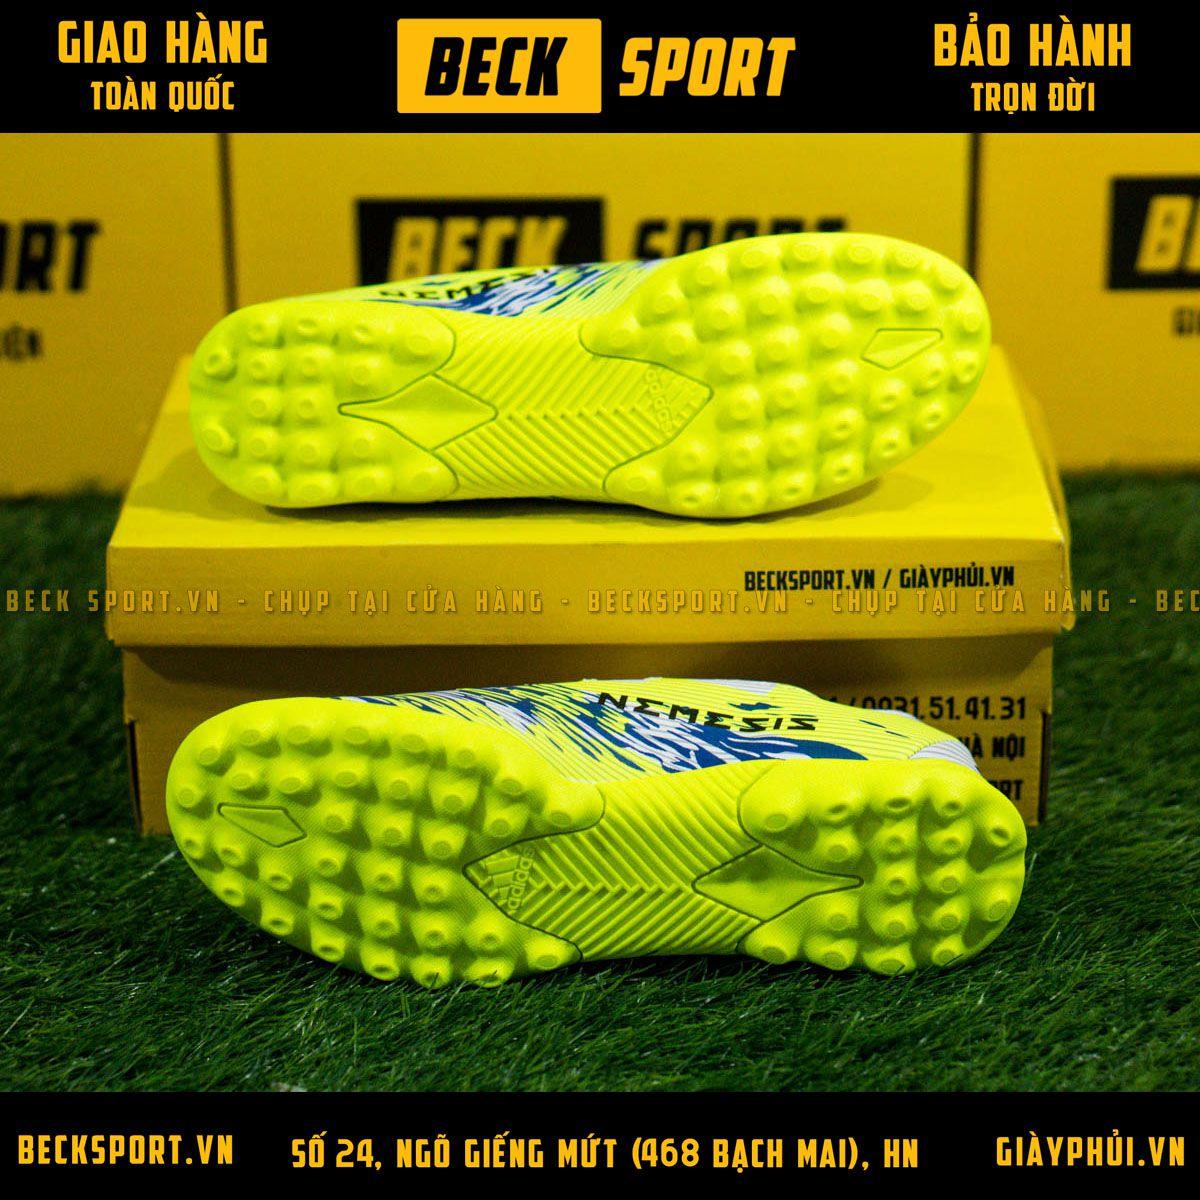 Giày Bóng Đá Adidas Nemeziz 19.3 Trắng Nõn Chuối Vạch Đen Đế Chuối TF